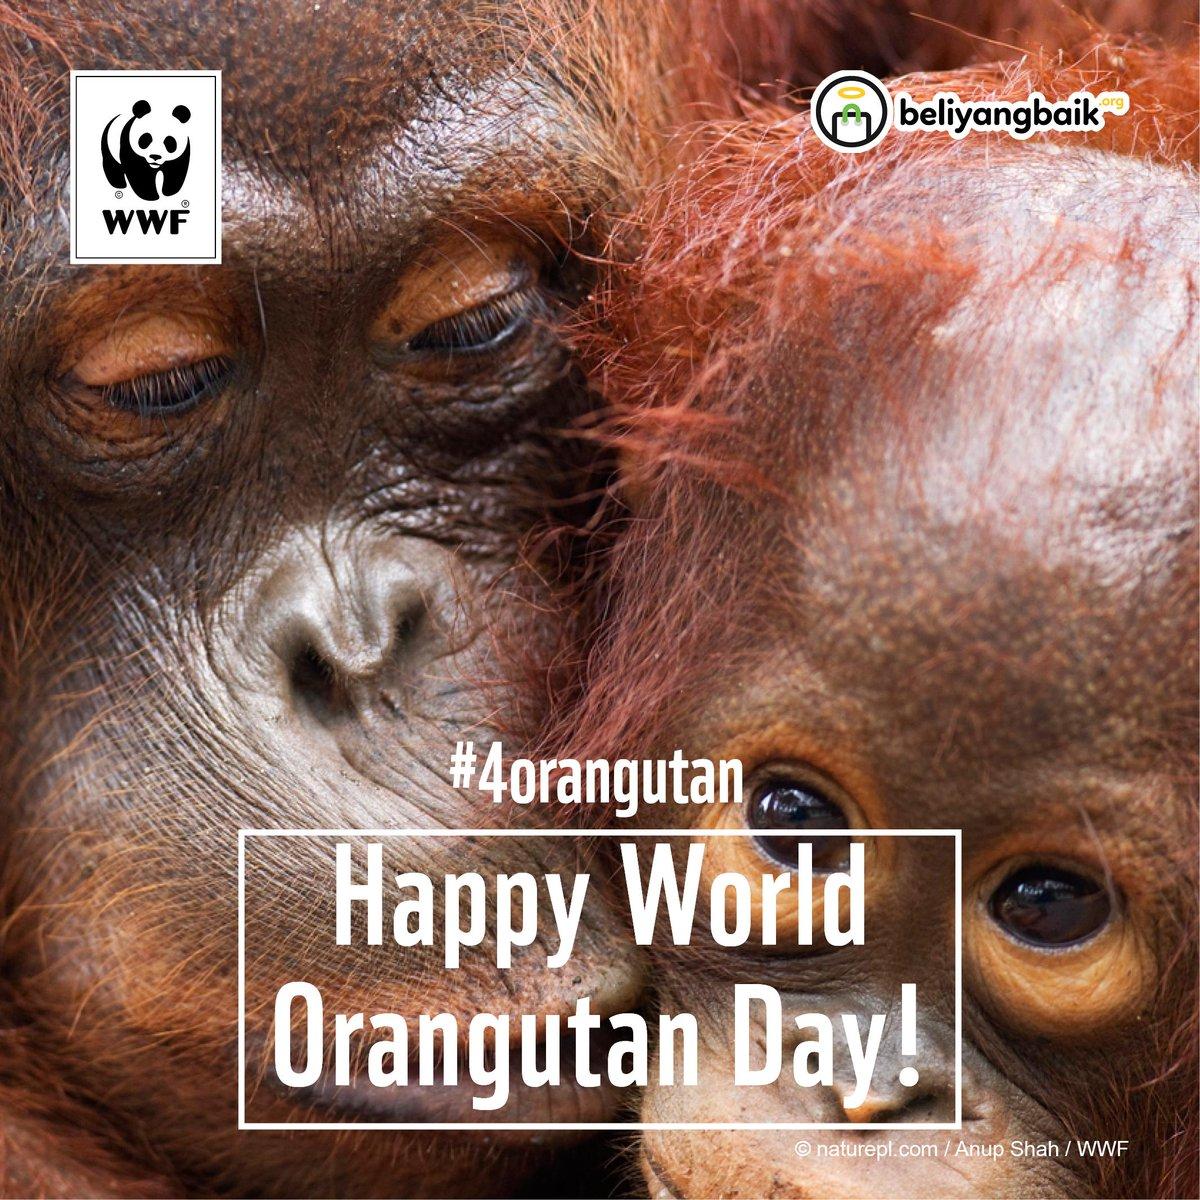 Menjaga Kelestarian Orangutan Demi Keberlangsungan Hutan. #4orangutan http://t.co/wmi80eebfU http://t.co/9VHssdjKxt